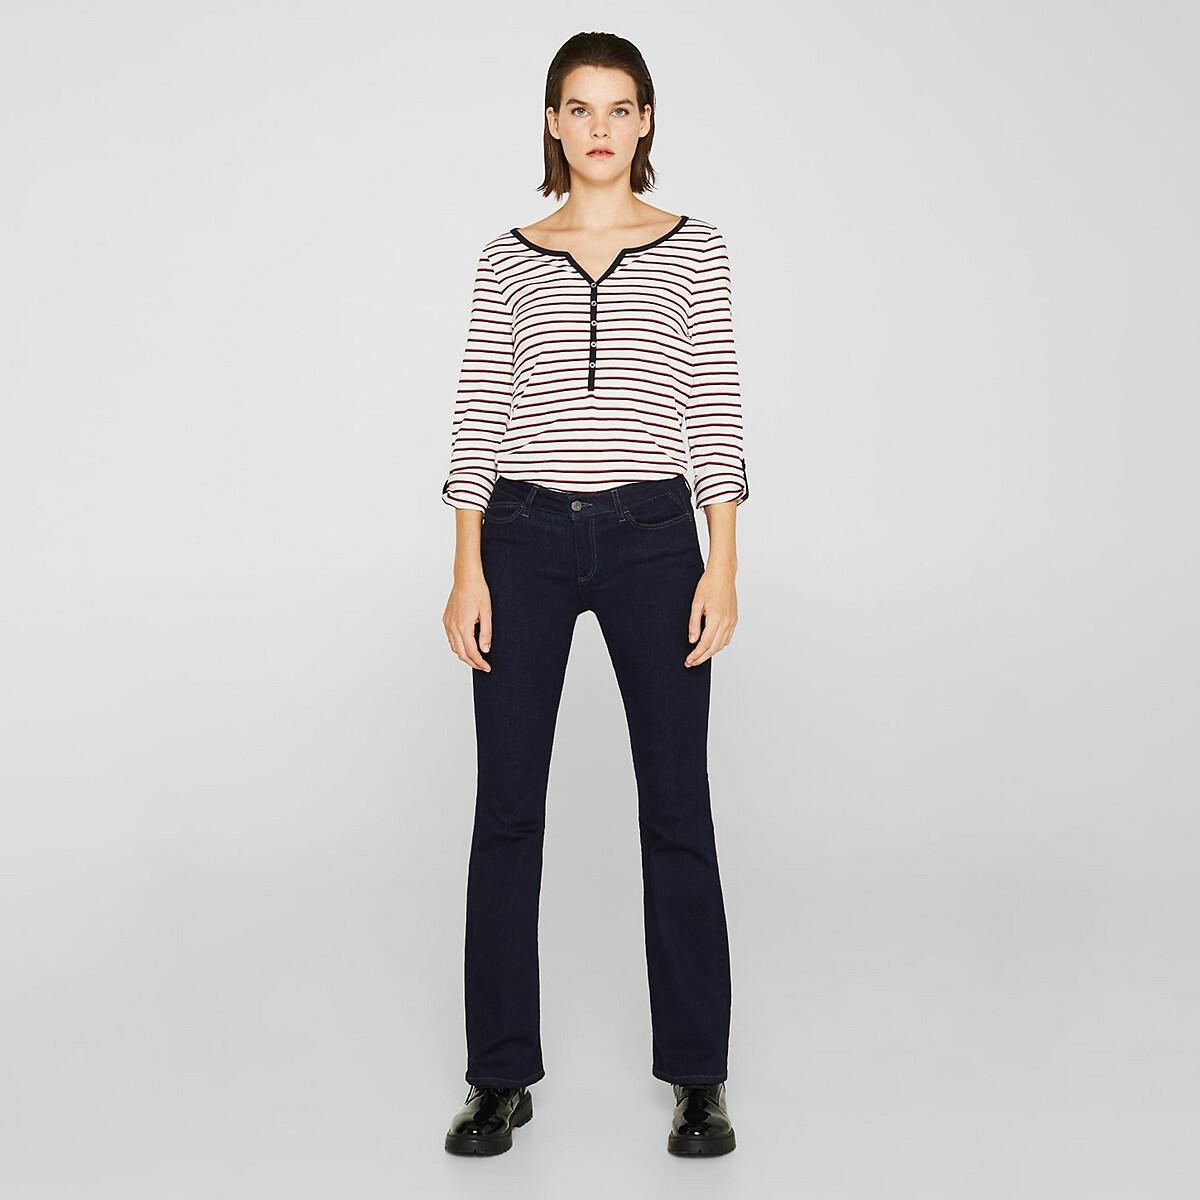 Camiseta a rayas de algodón orgánico